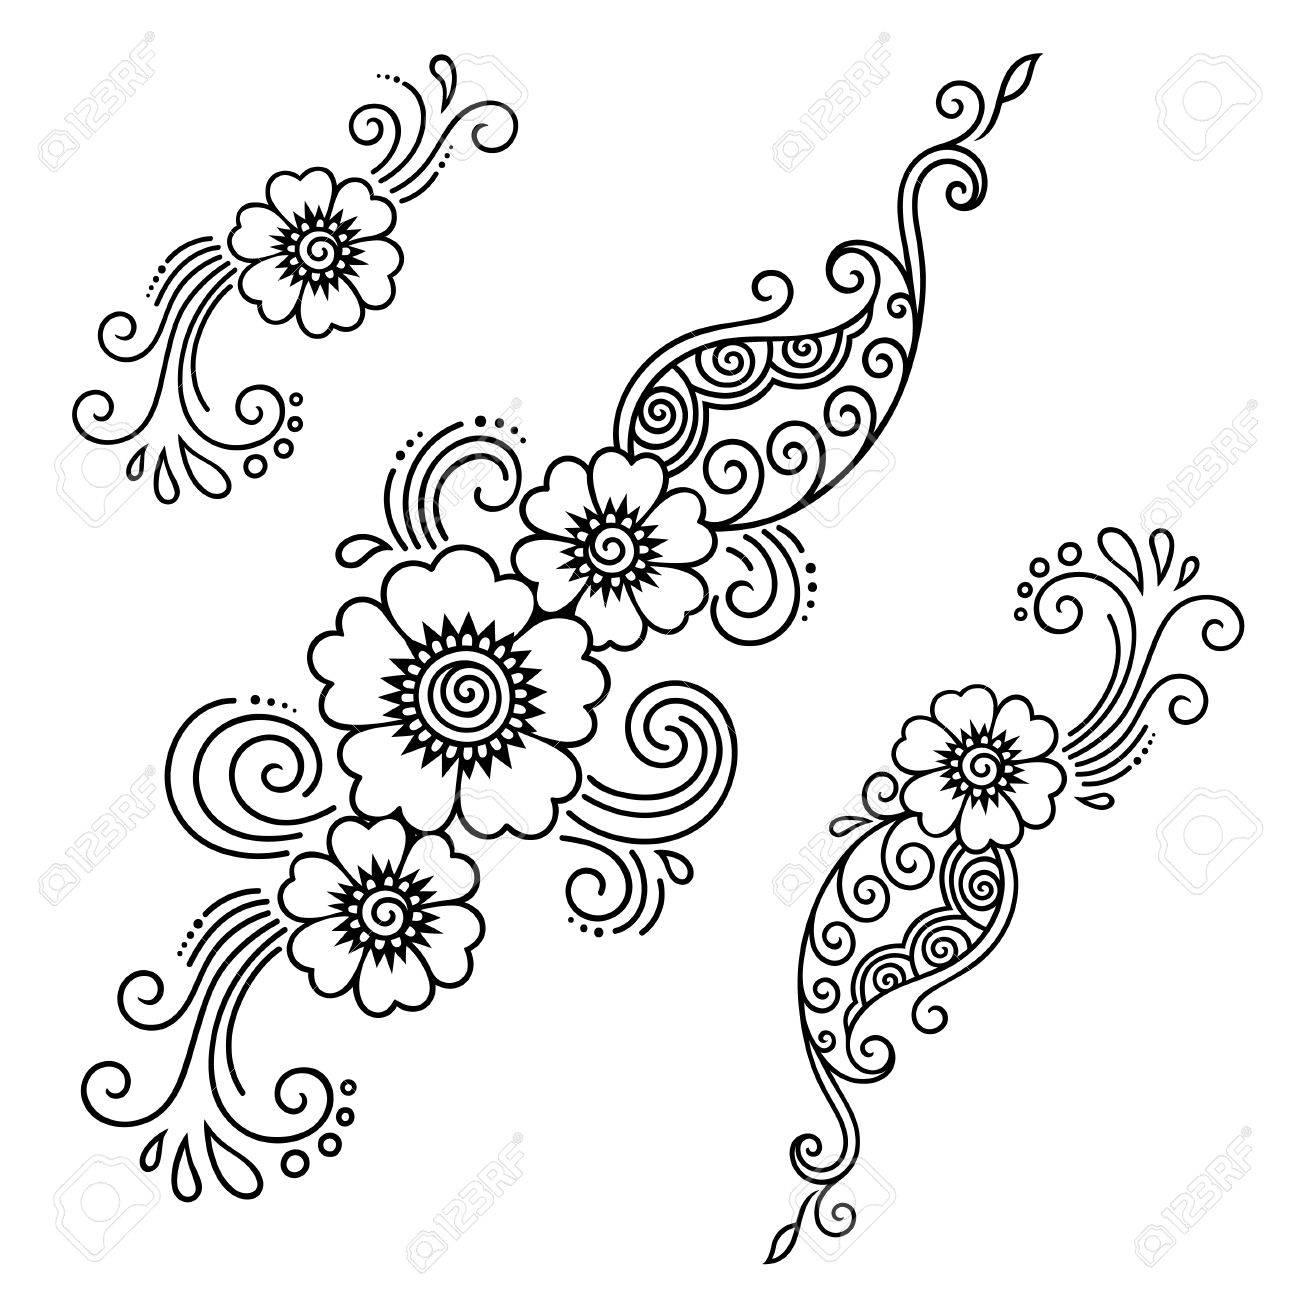 ヘナ タトゥーの花テンプレート 一時的な刺青 ロイヤリティフリー